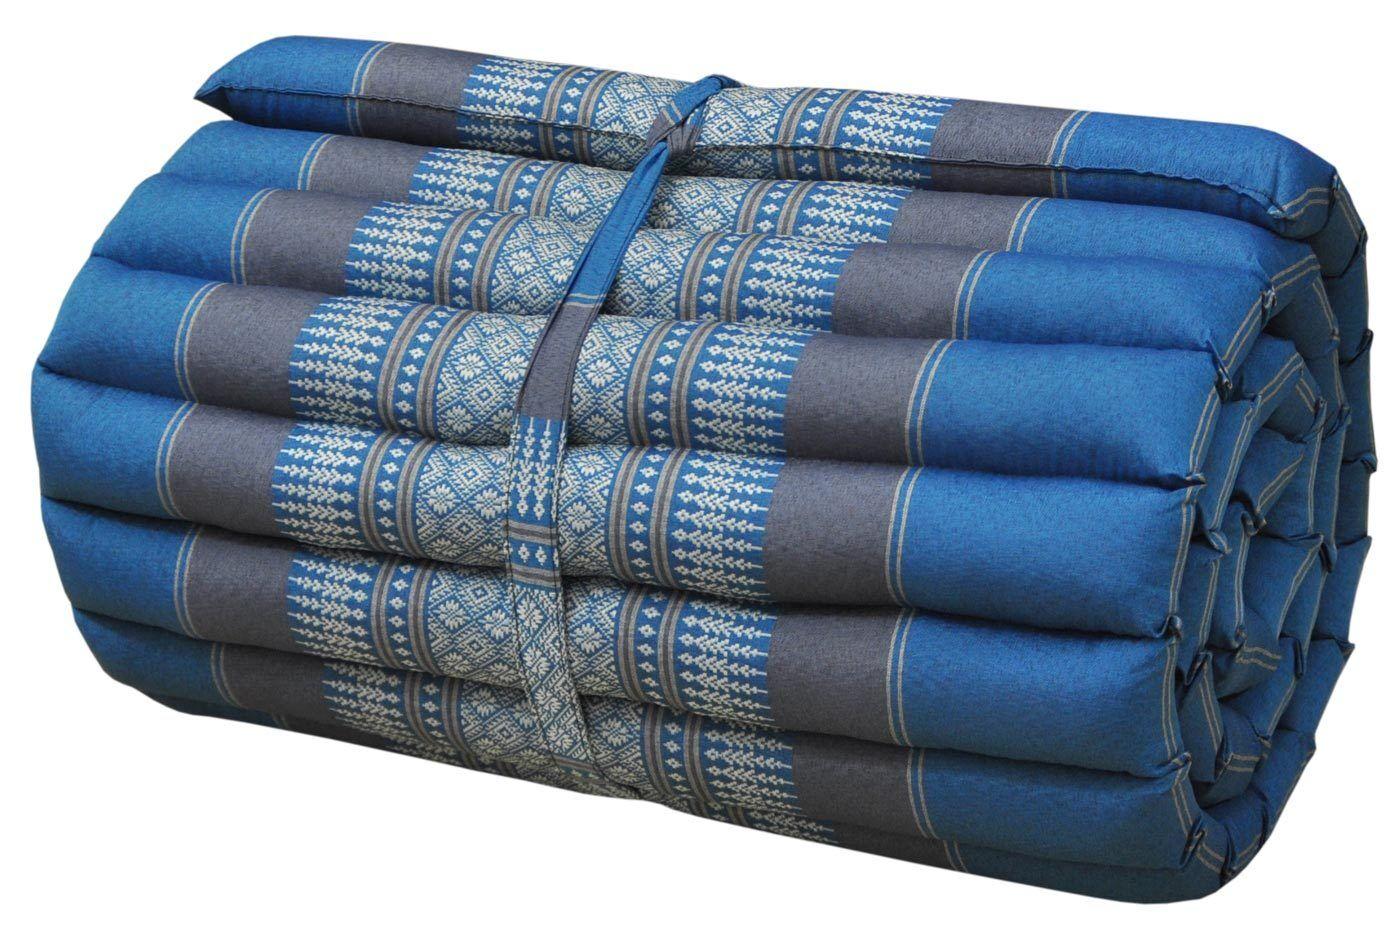 Cuscini Materassi yoga meditazione sofà nuca sede traversini traversini traversini disegni thai (826) f72db4